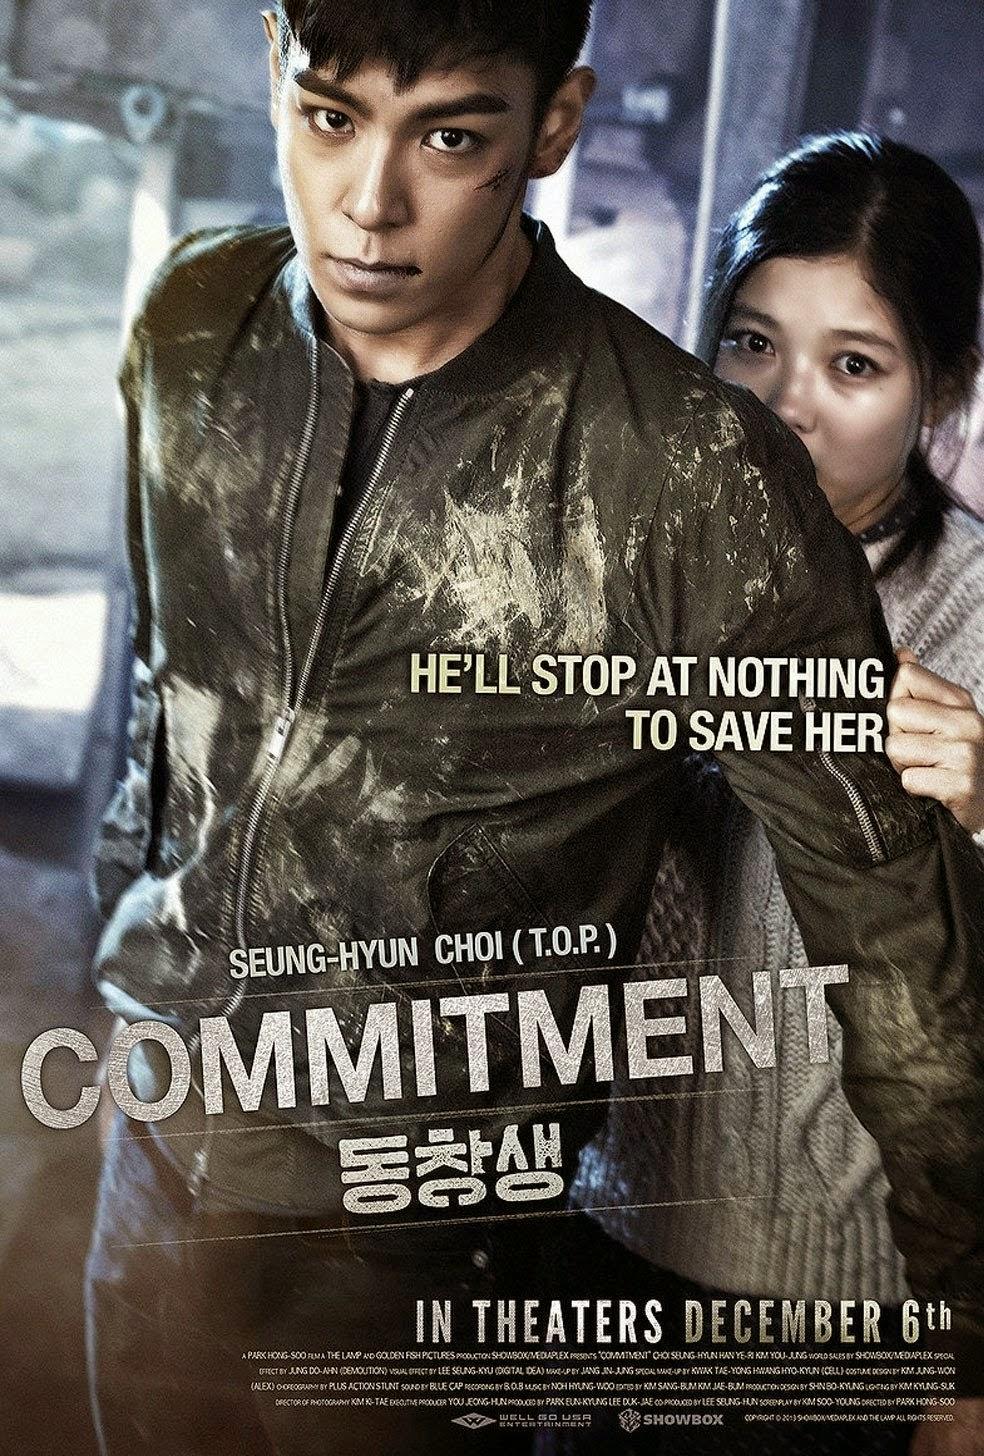 Commitment 2013 ล่าเดือด...สายลับเพชฌฆาต